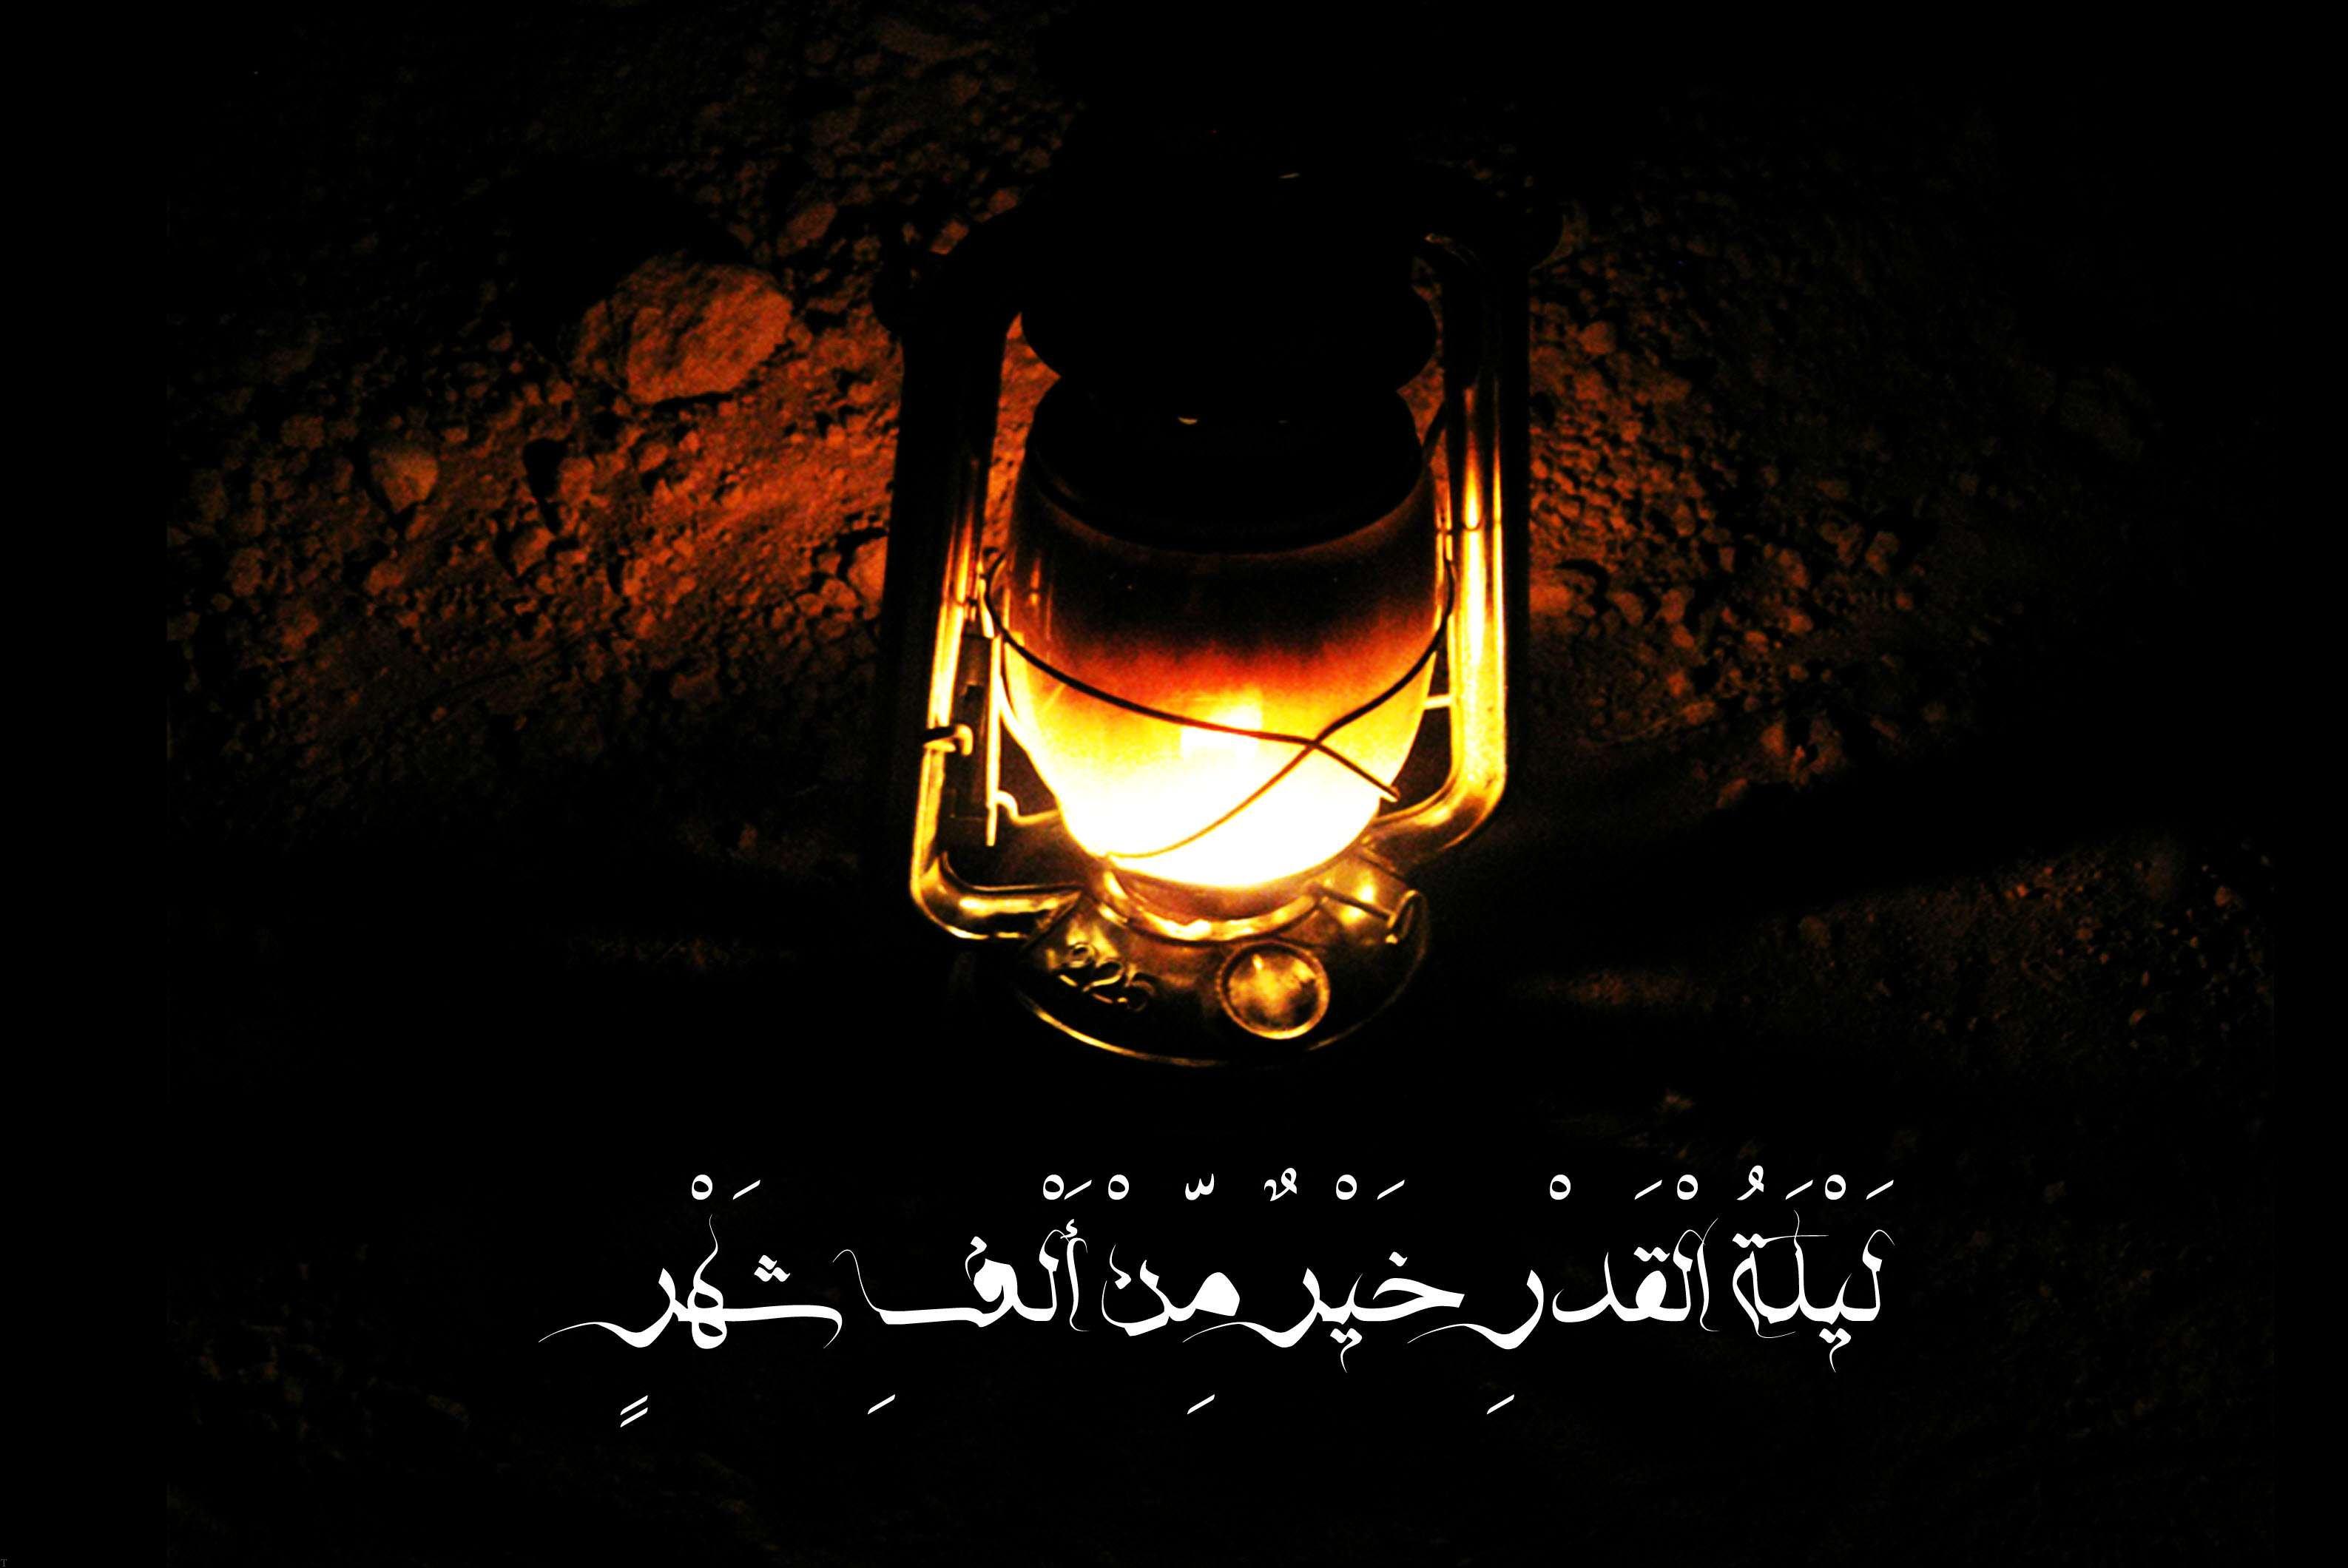 اعمال مخصوص شب نوزدهم ماه مبارک رمضان